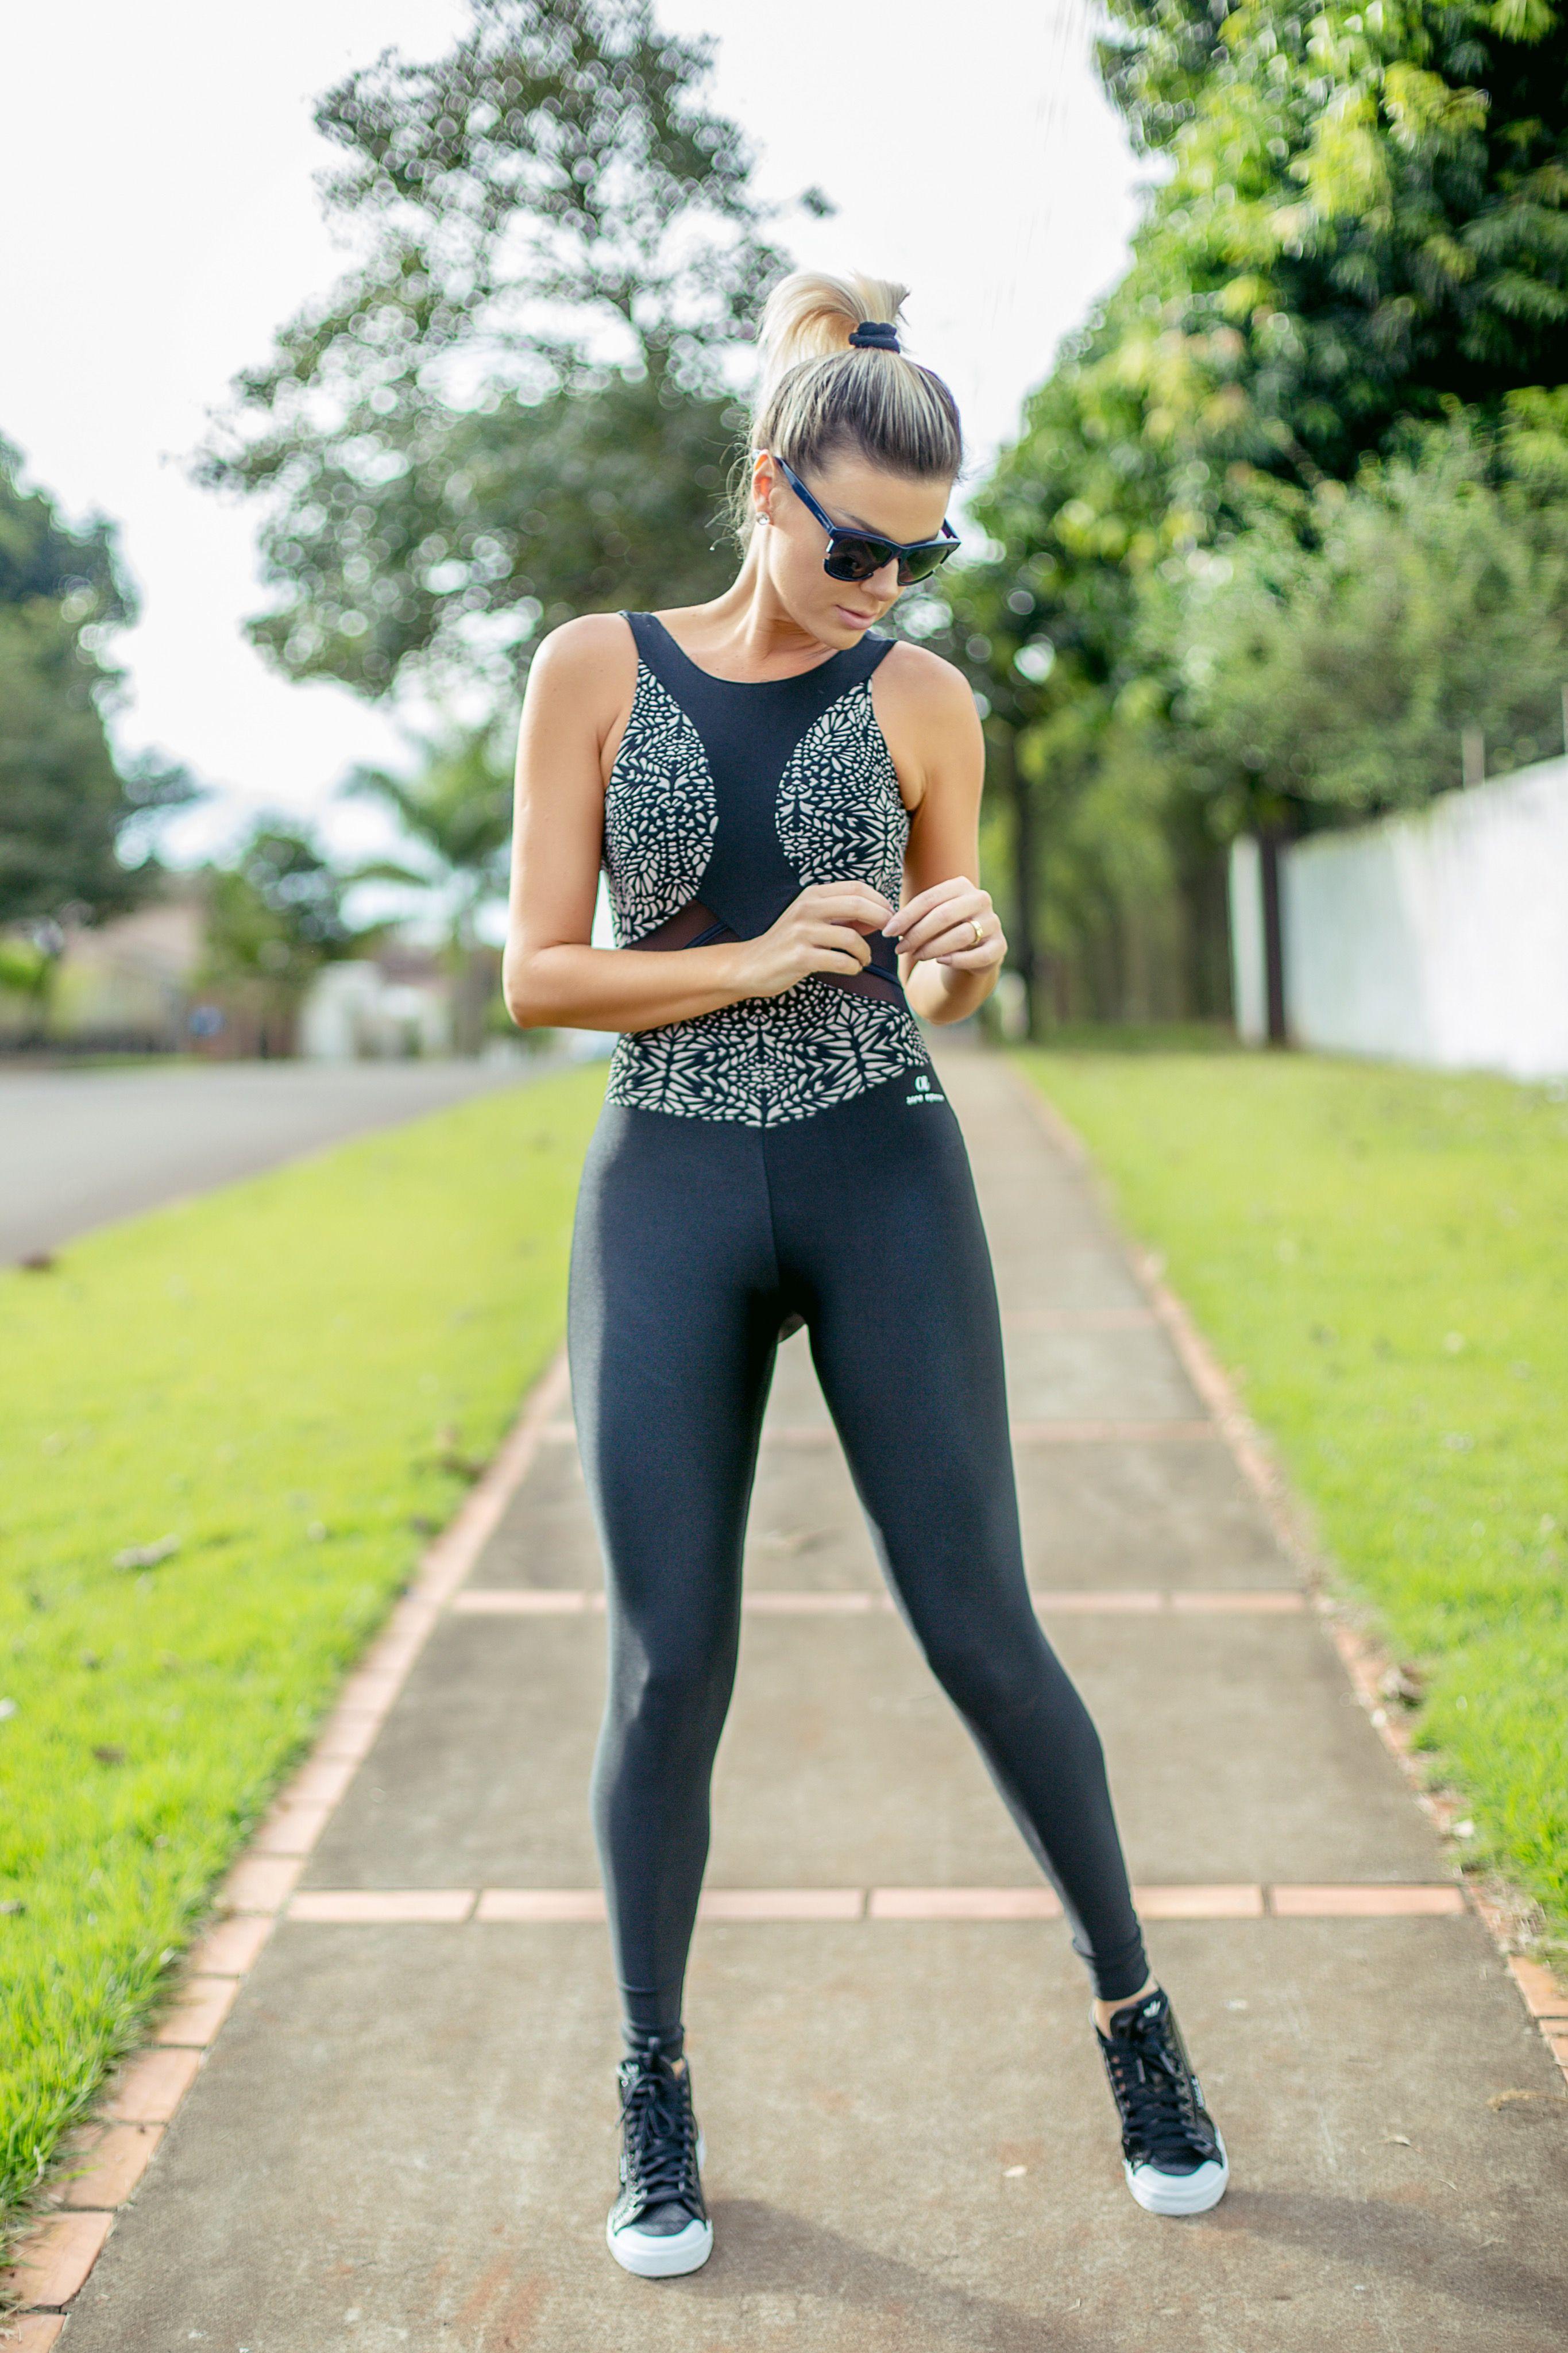 e5517121a ACADEMIA COM ESTILO  Moda Fitness com opções para o treino!